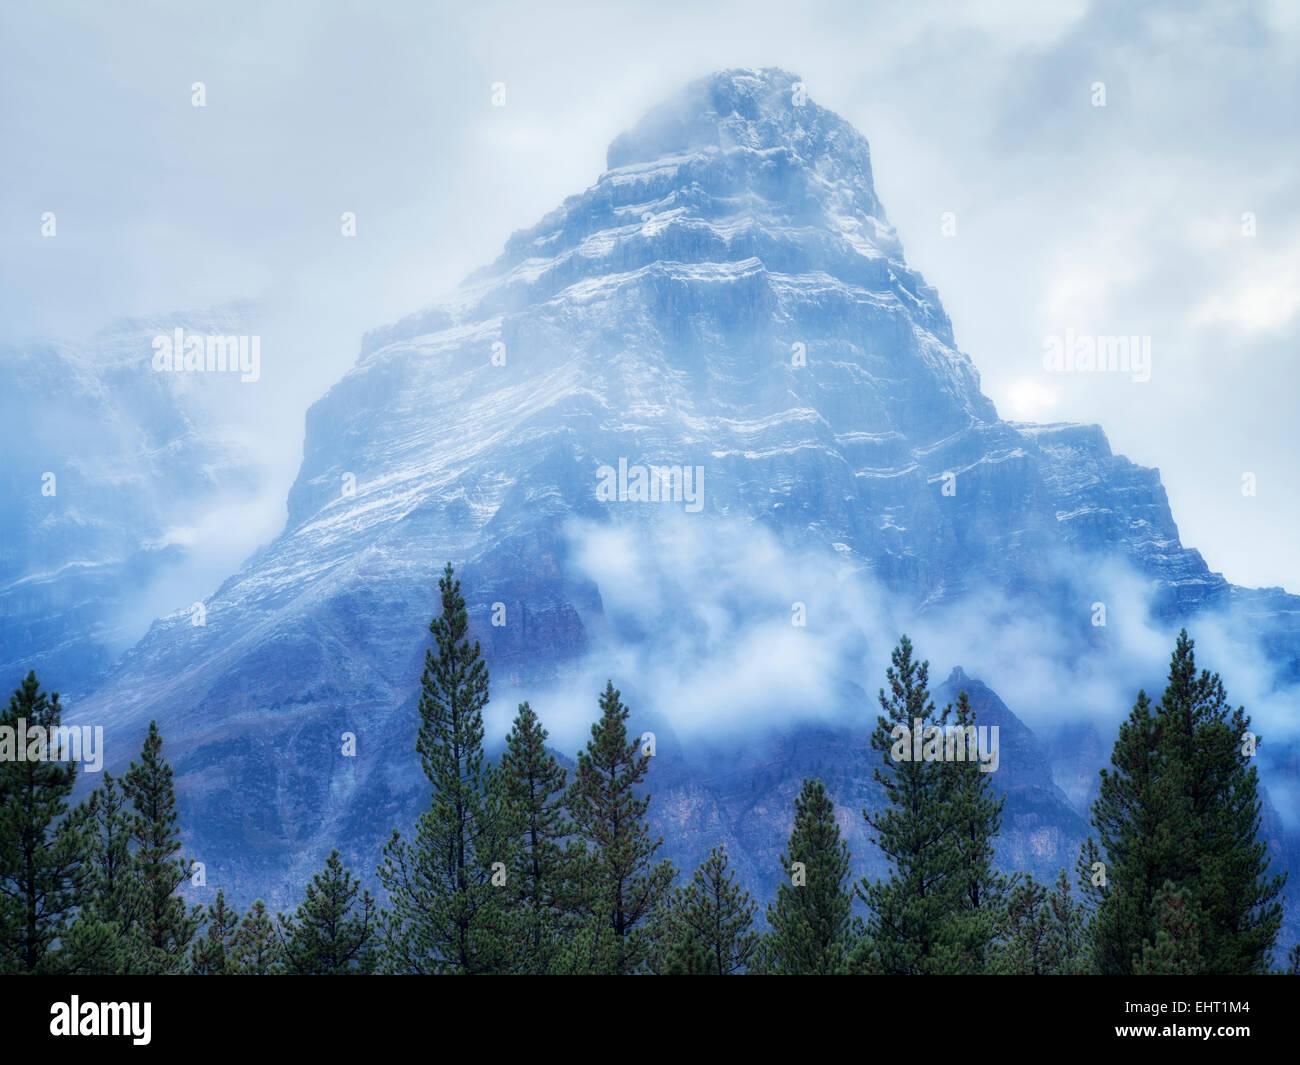 Mt. Chephren bei Nebel und Regen/Schnee. Banff Nationalpark, Alberta, Kanada Stockbild